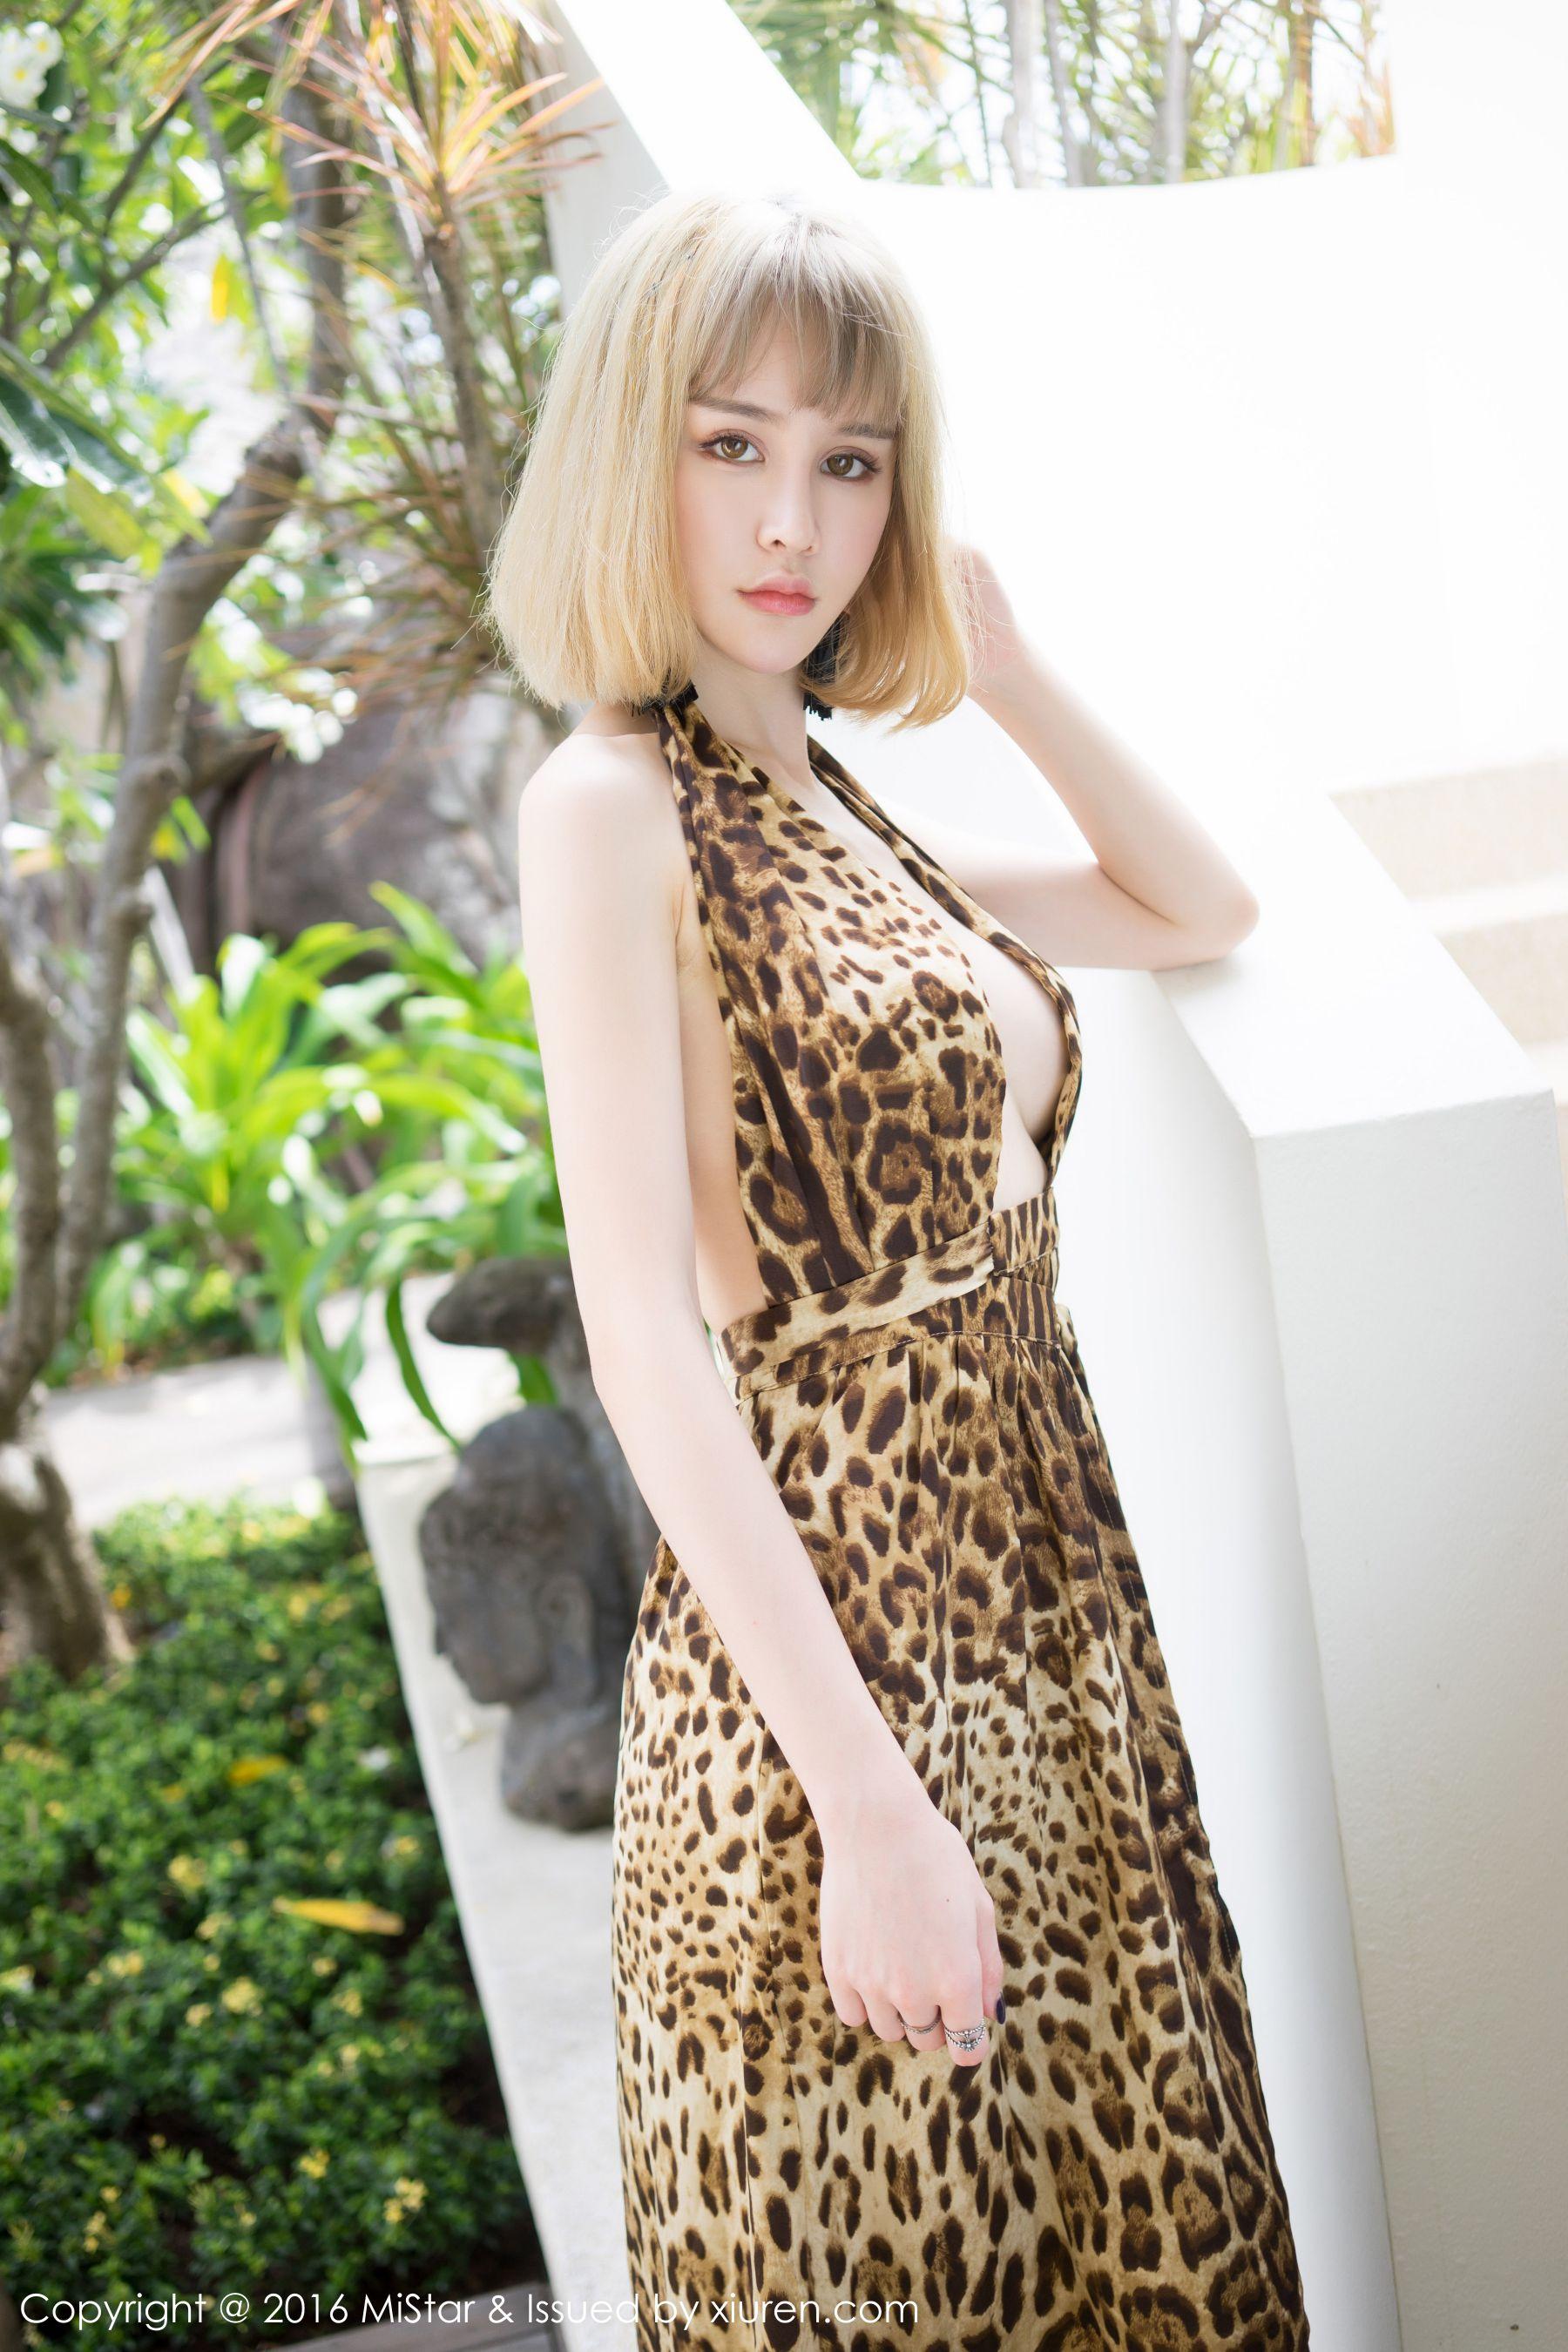 Cheryl青树性感豹纹吊带裙+气质长裙-第6张图片-哔哔娱乐网